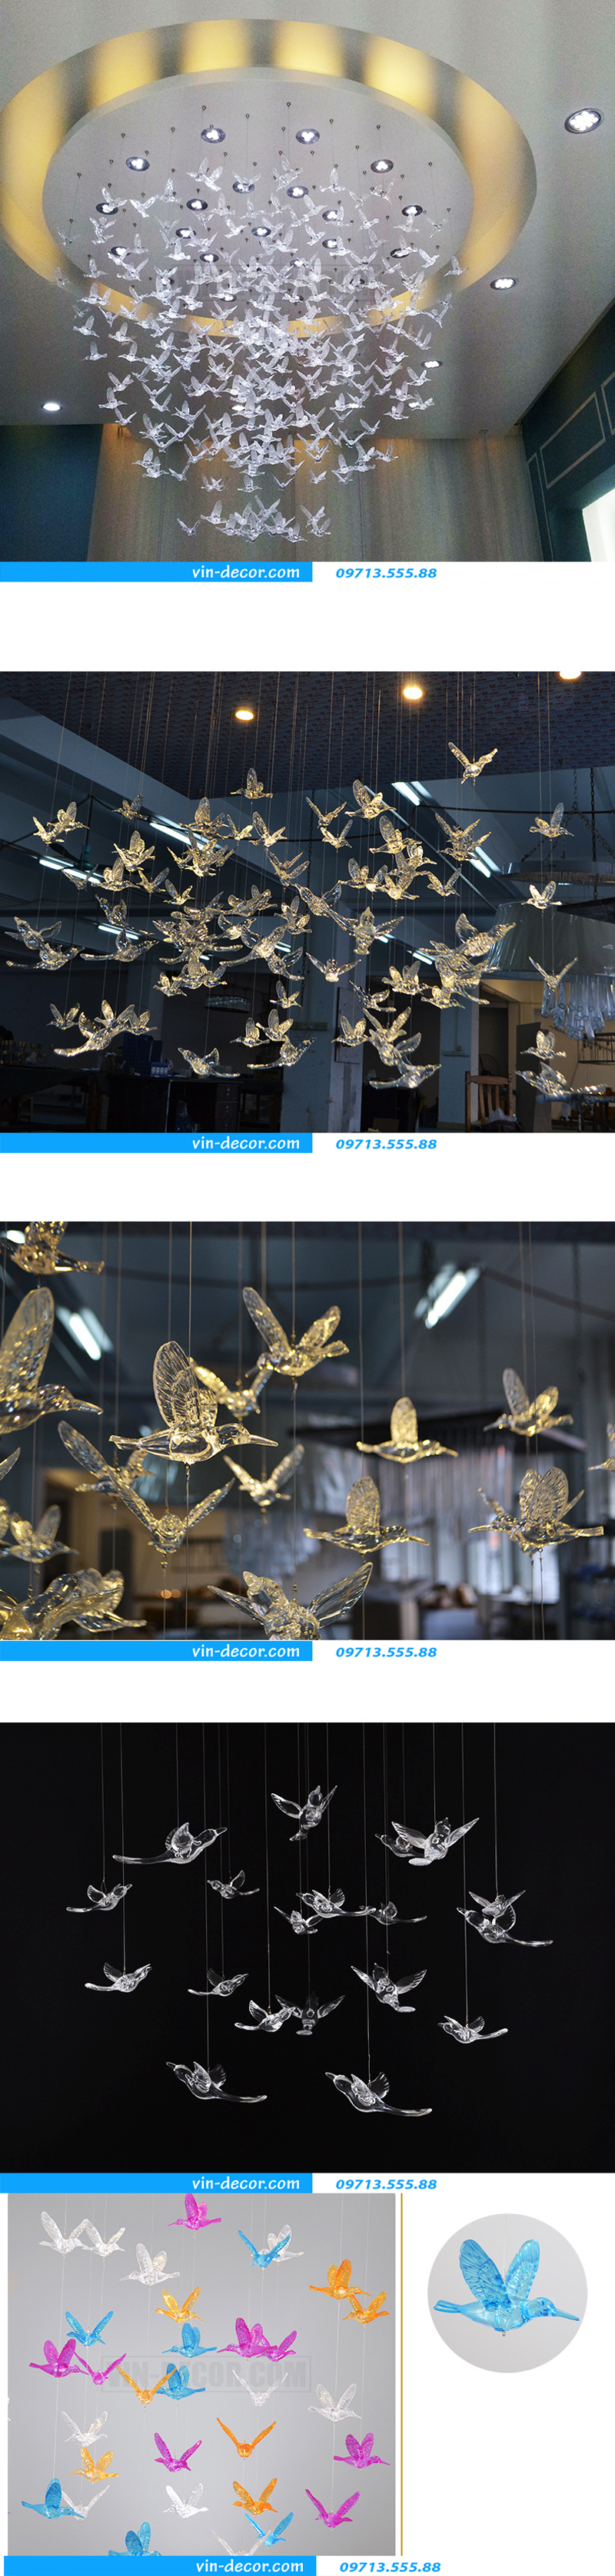 chim thả trần trang trí nội thất ấn tượng 01